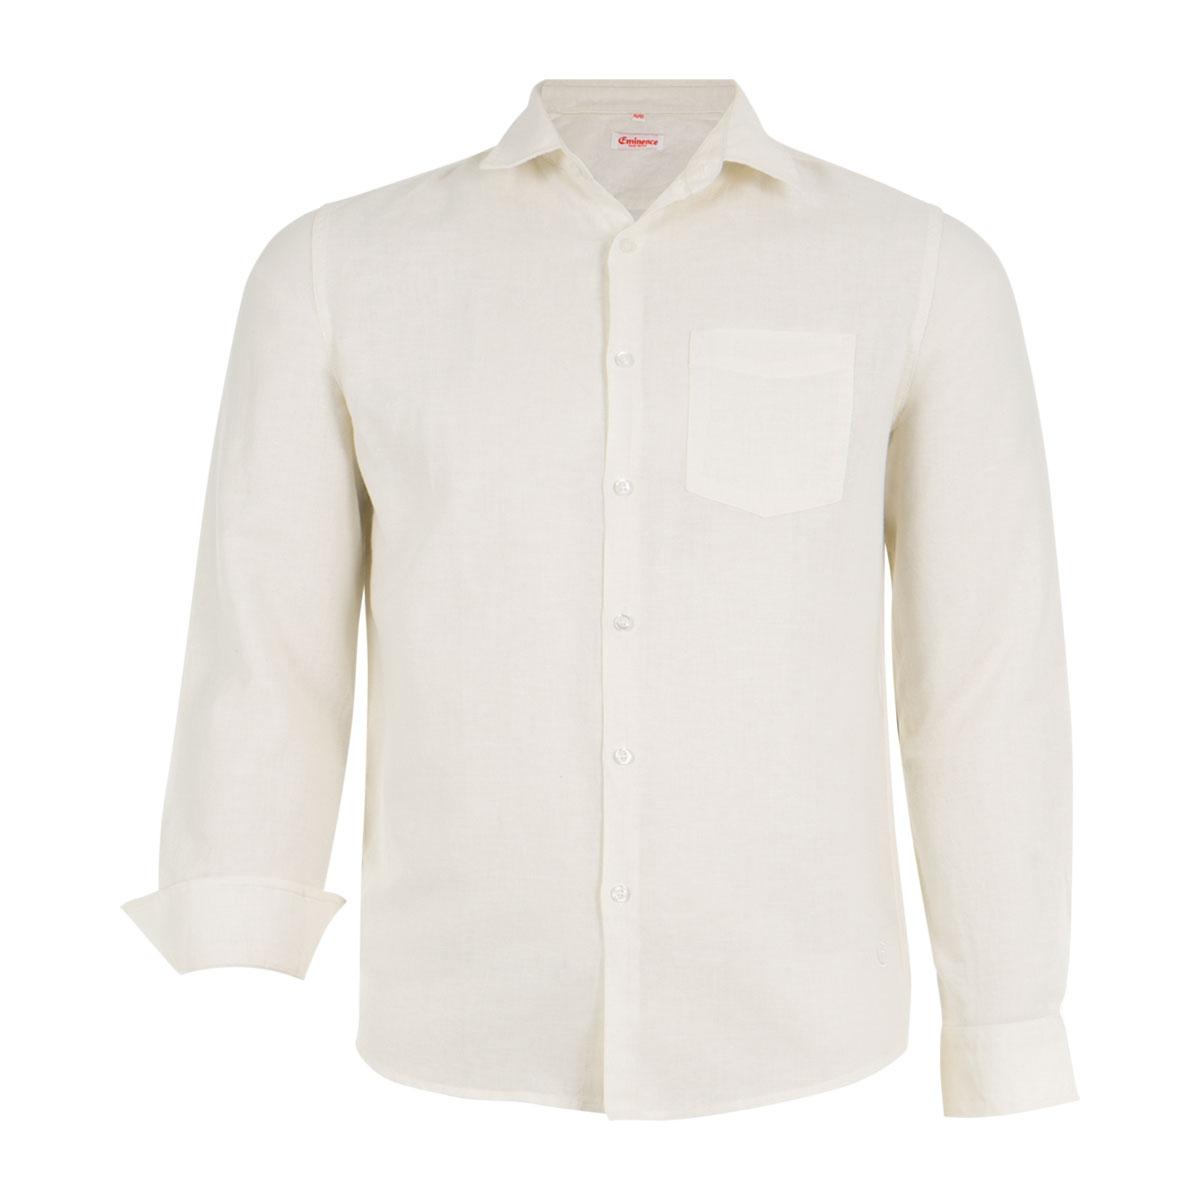 Chemise homme à manches longues avec poche Eminence